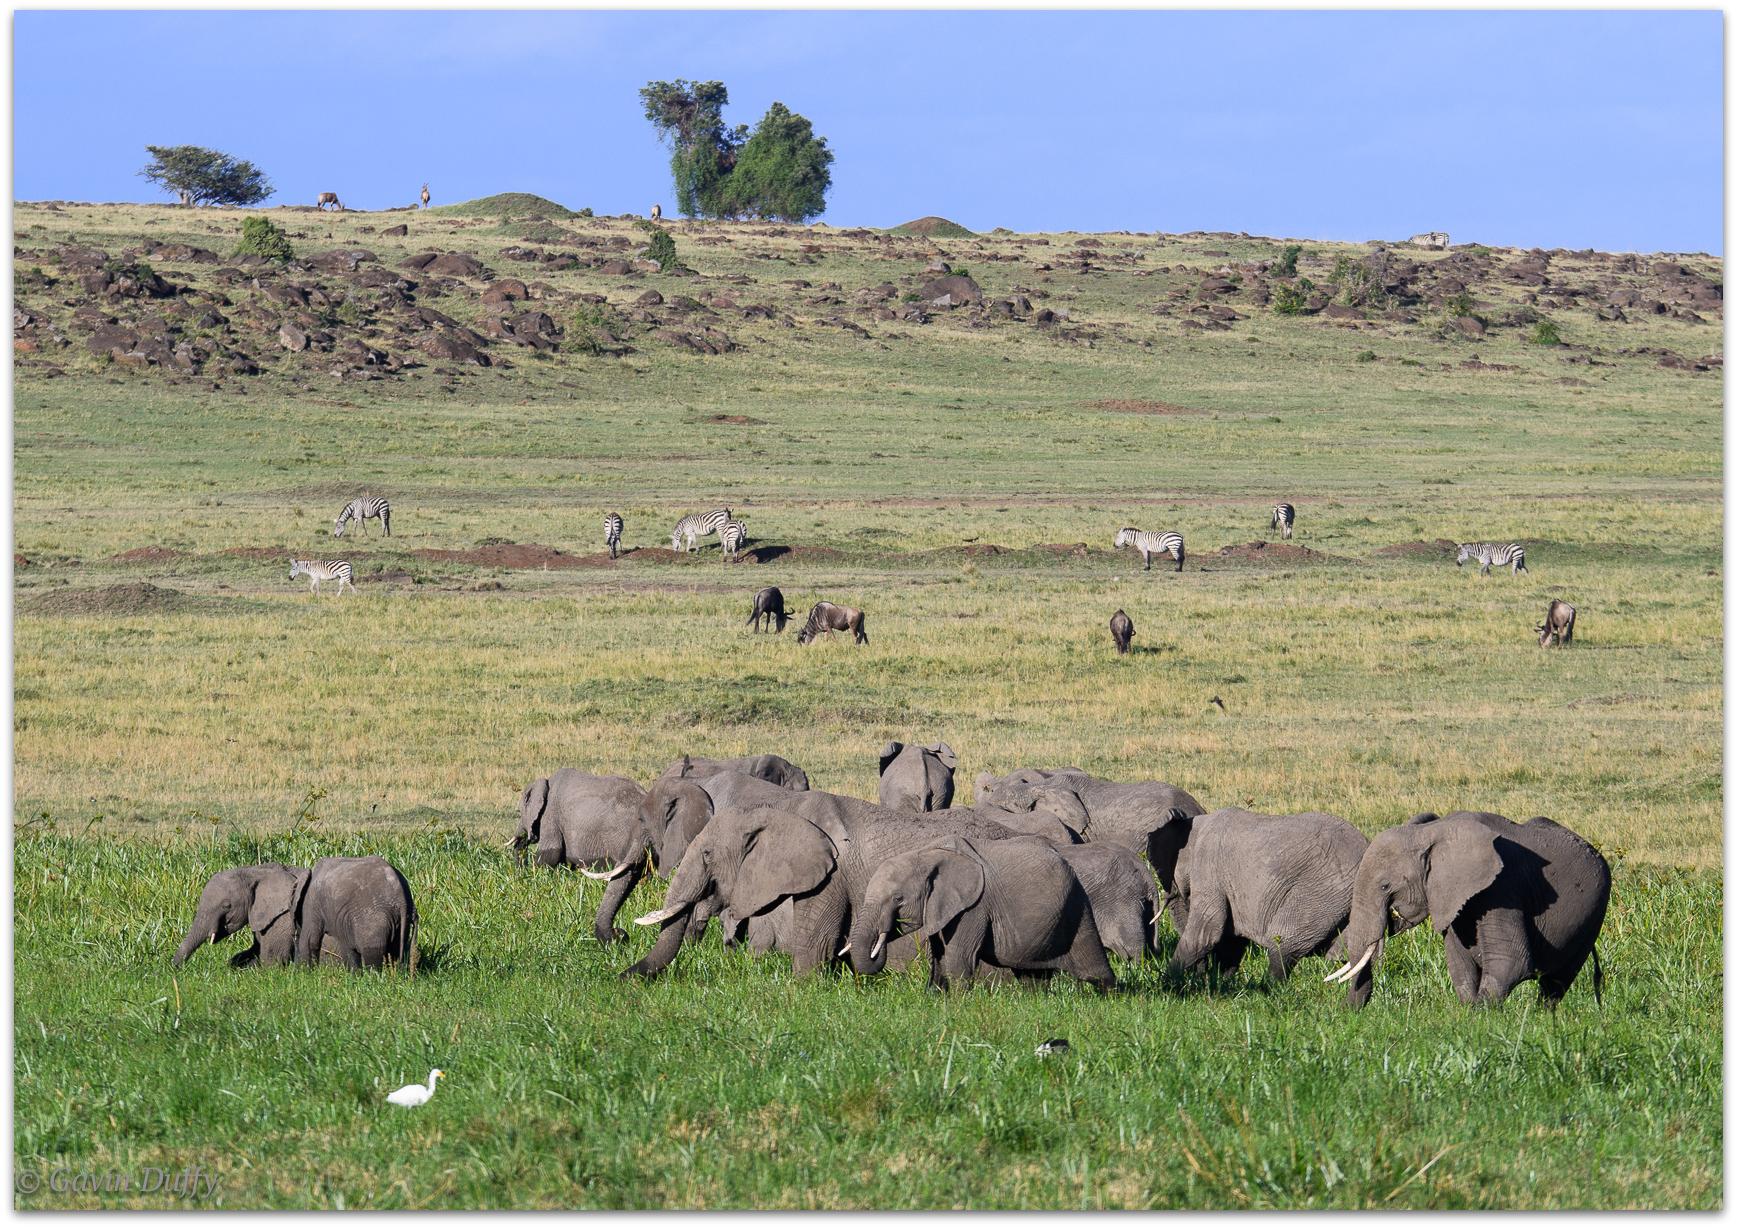 Herd of elephants © Gavin Duffy